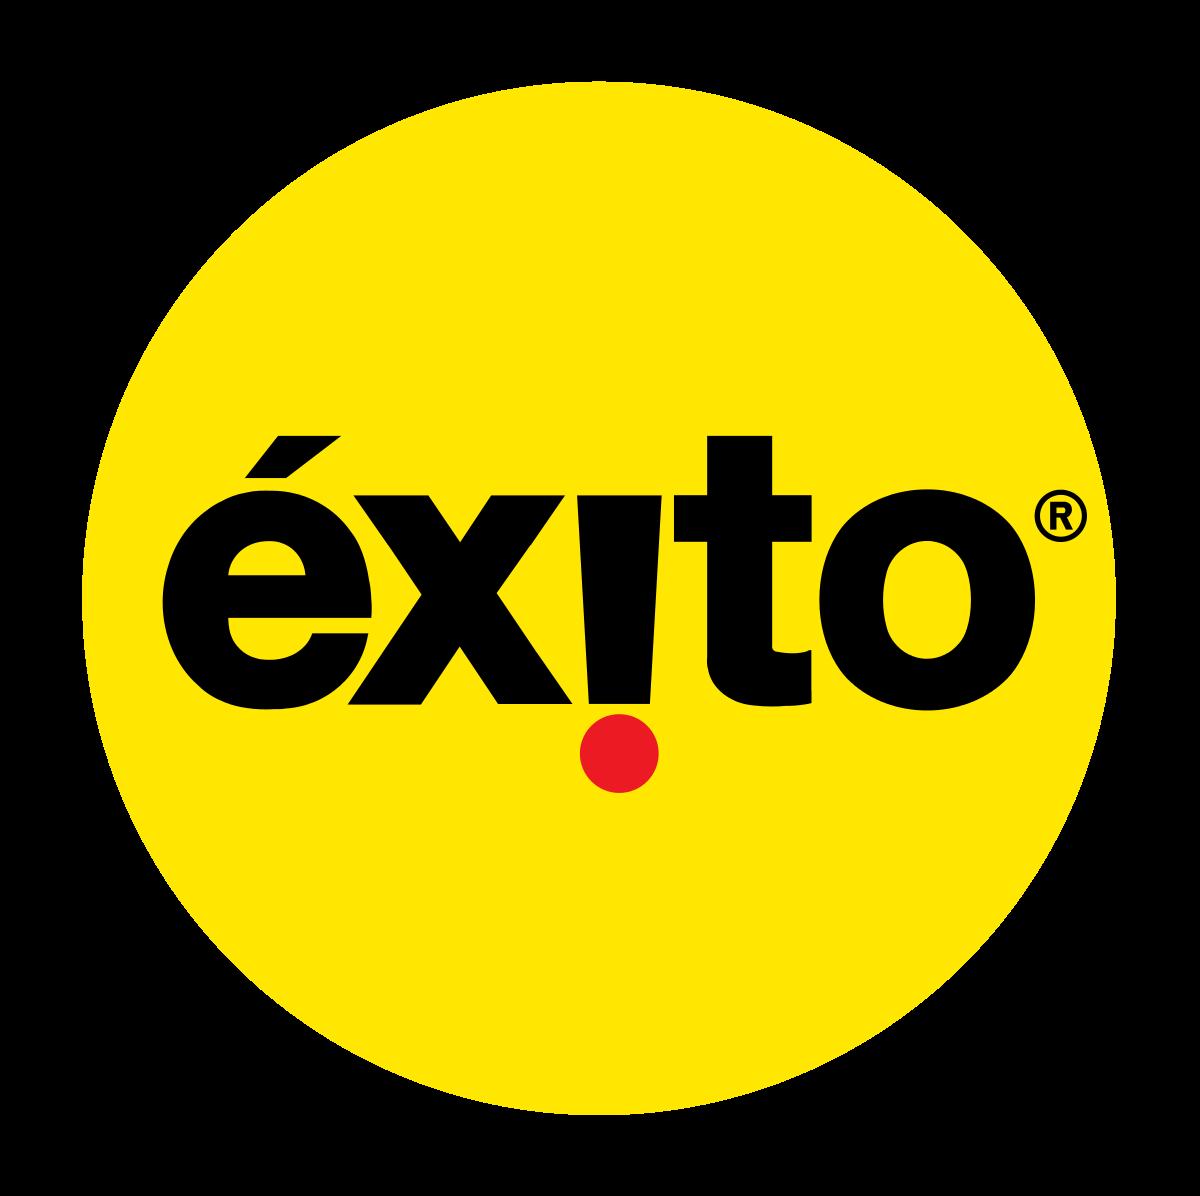 Logo Exito River Cheese